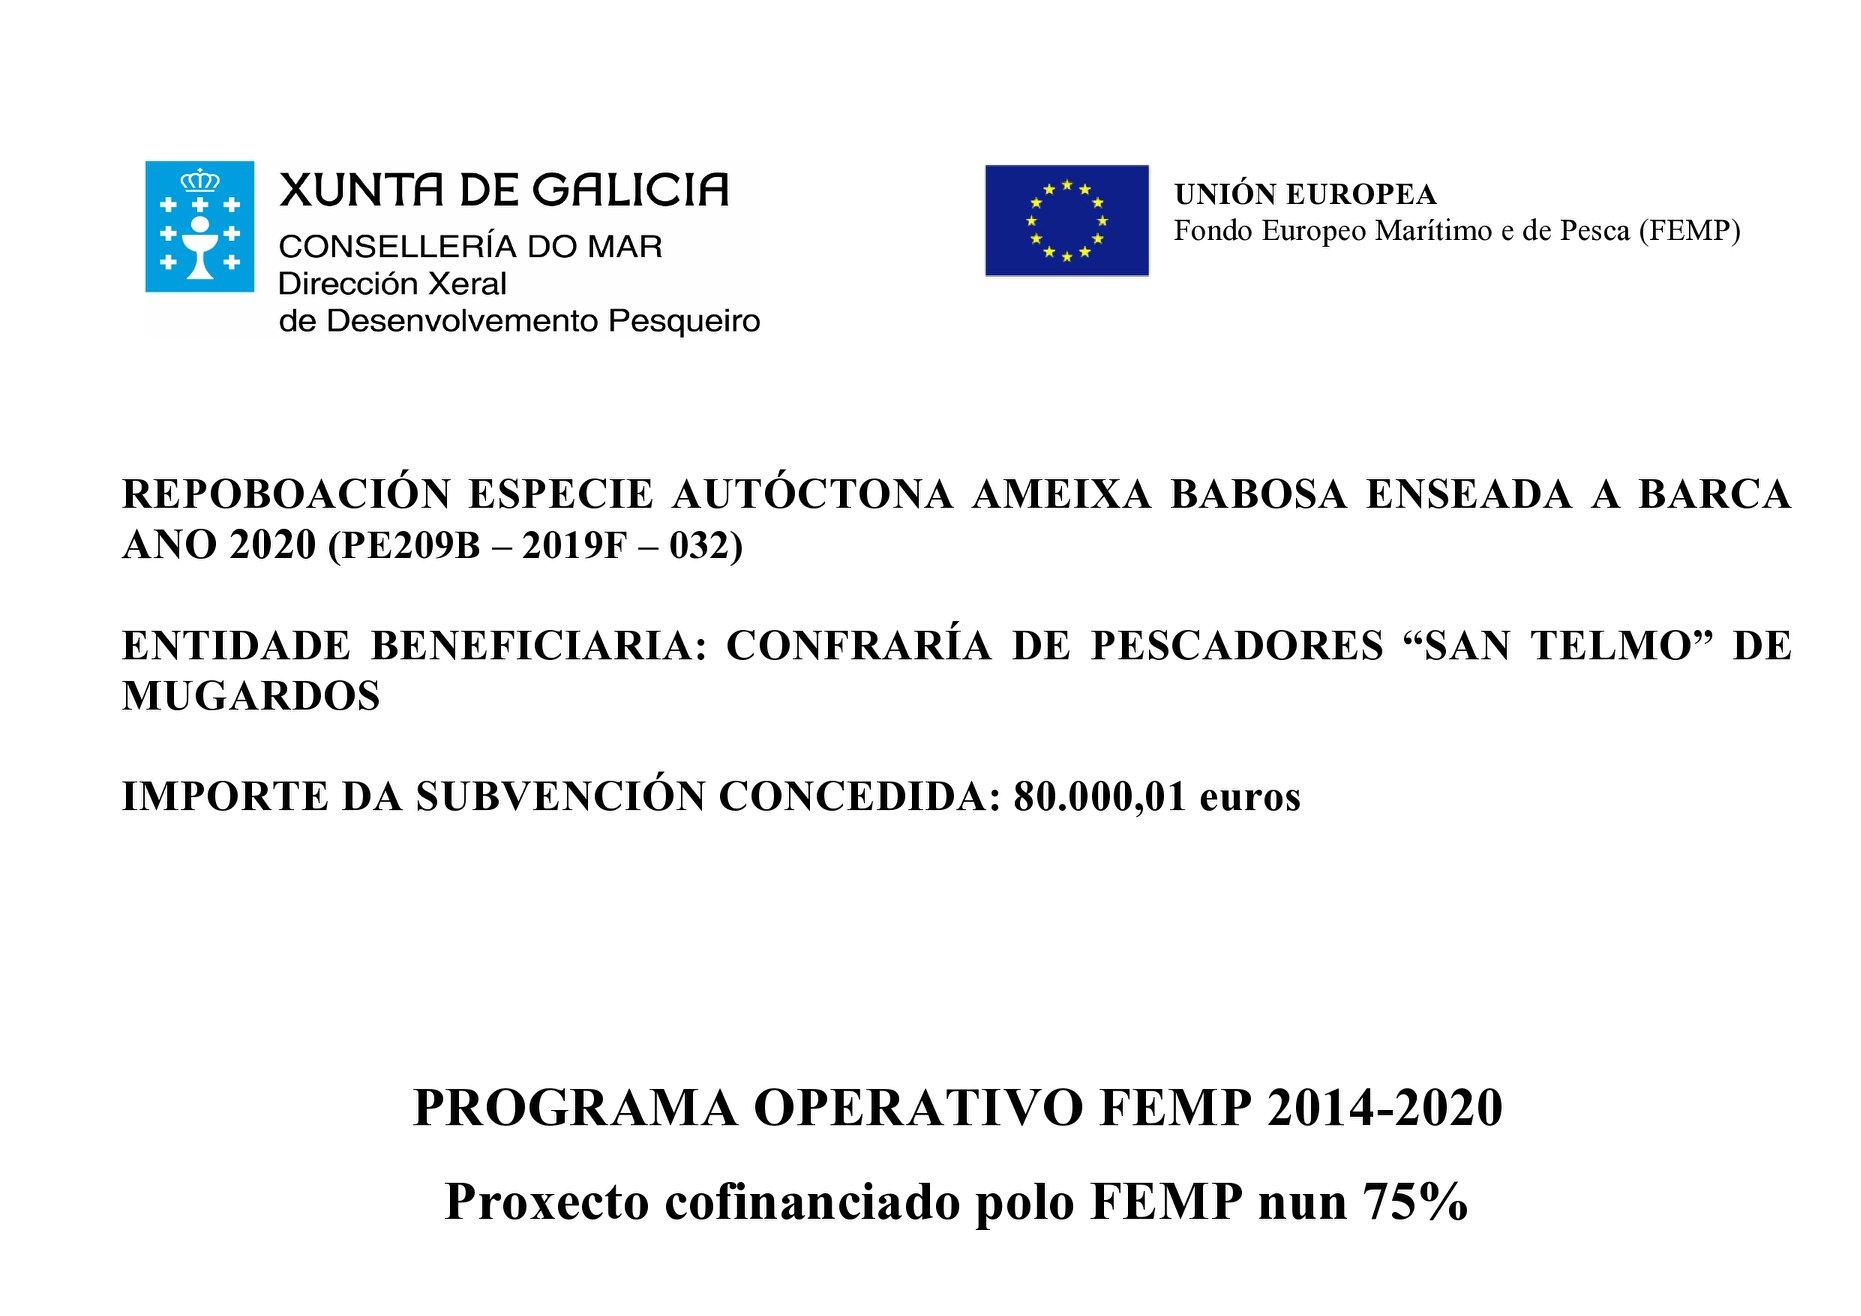 A Consellería do Mar adxudica unha subvención á Confraría de Mugardos, por importe de 80.000,01 €, para a repoboación de ameixa babosa na enseada de A Barca durante o ano 2020